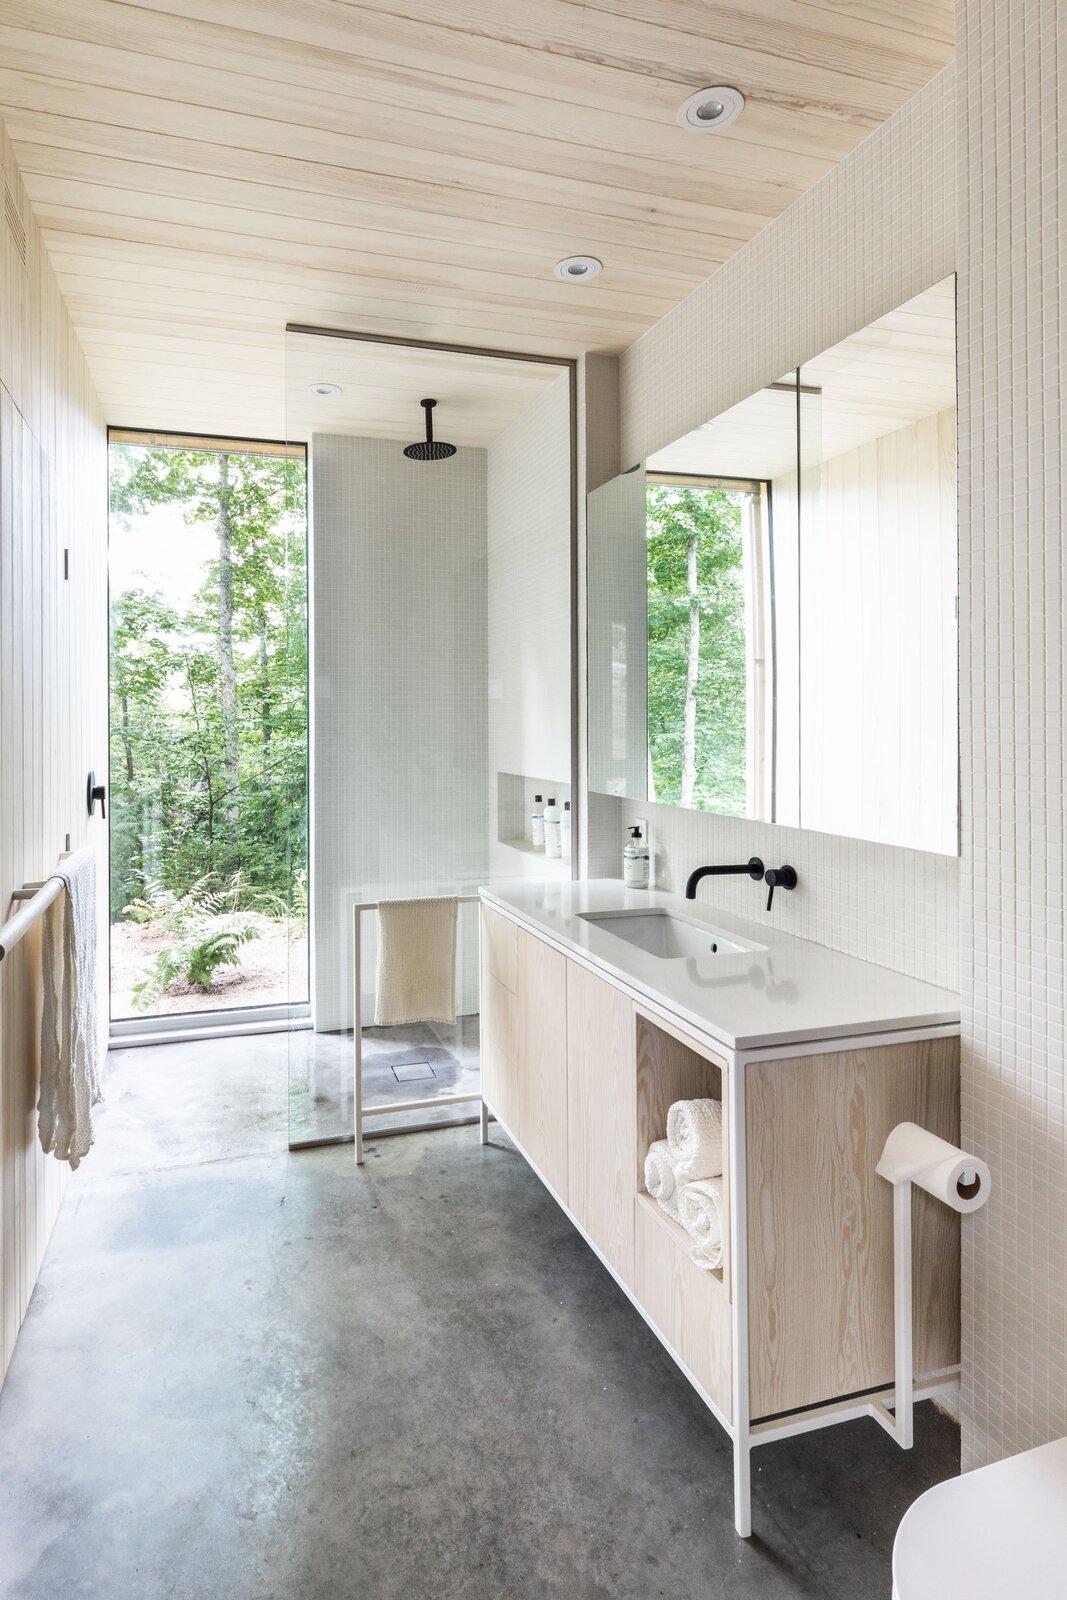 Hinterhouse bathroom